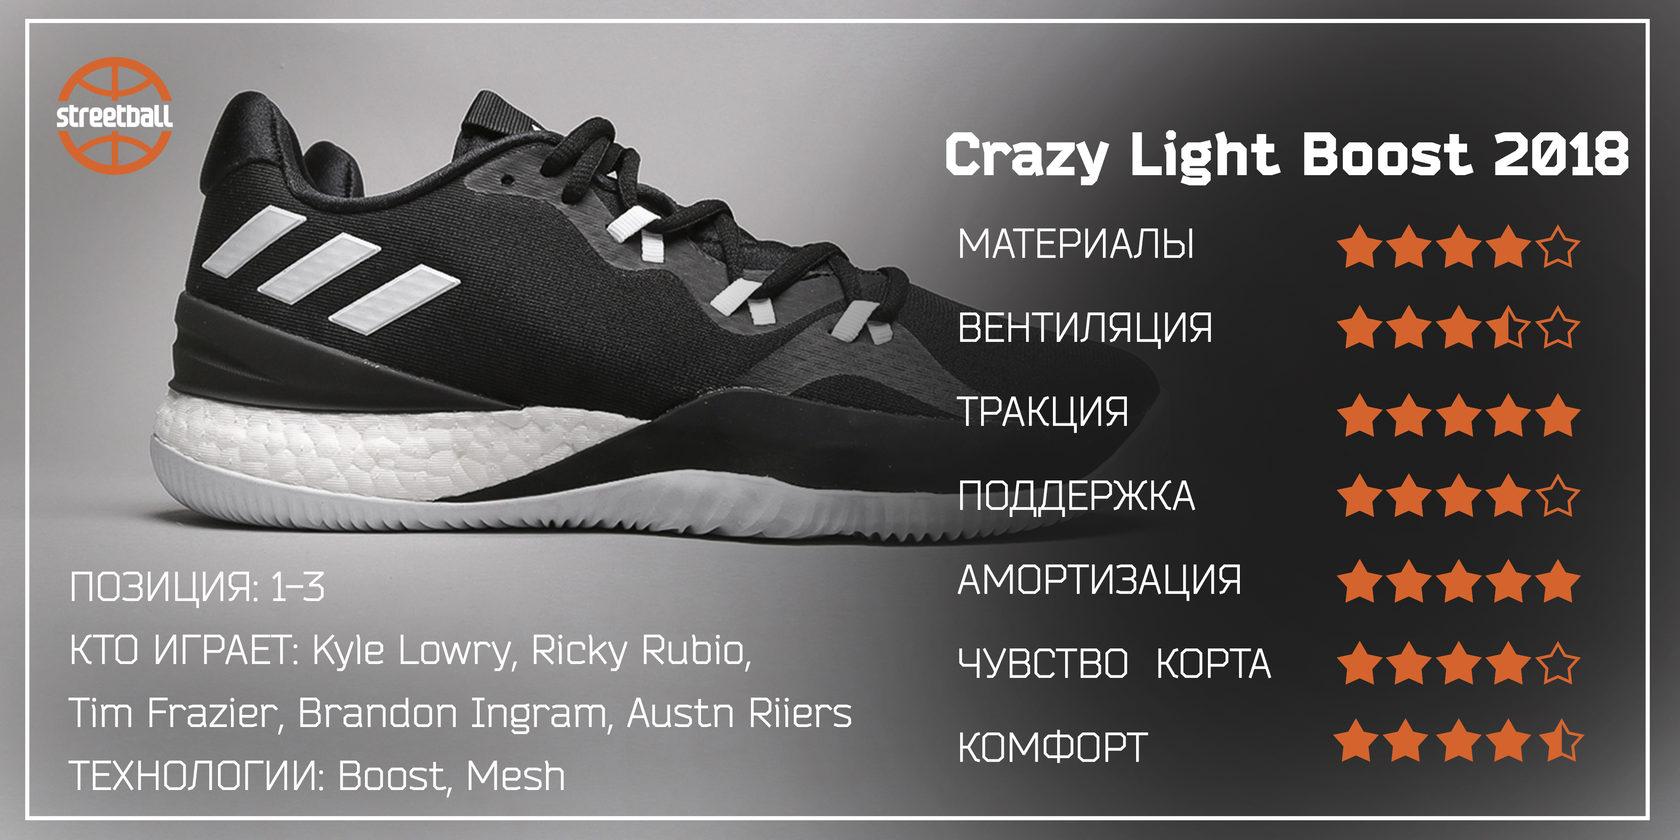 7ff673e6 Обзор adidas CrazyLight Boost 2018 — обзоры, новости и интервью в блоге  «StreetBall»